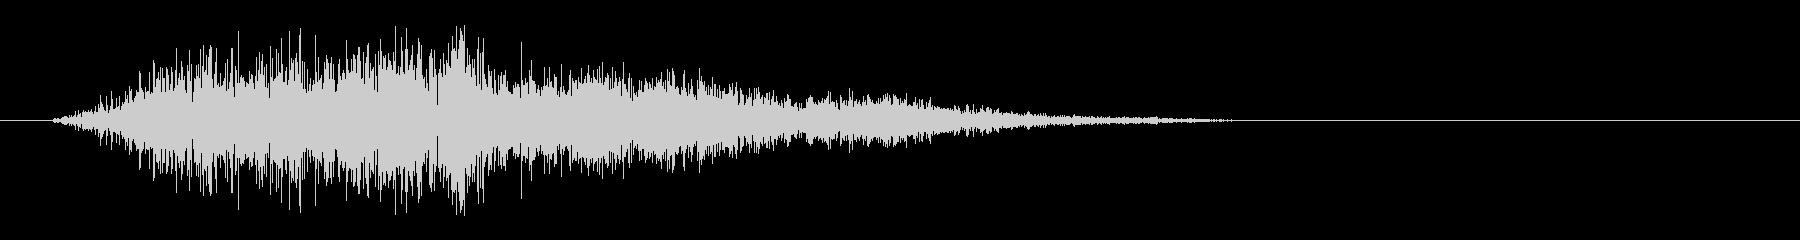 ザー(摩擦系の音色)の未再生の波形